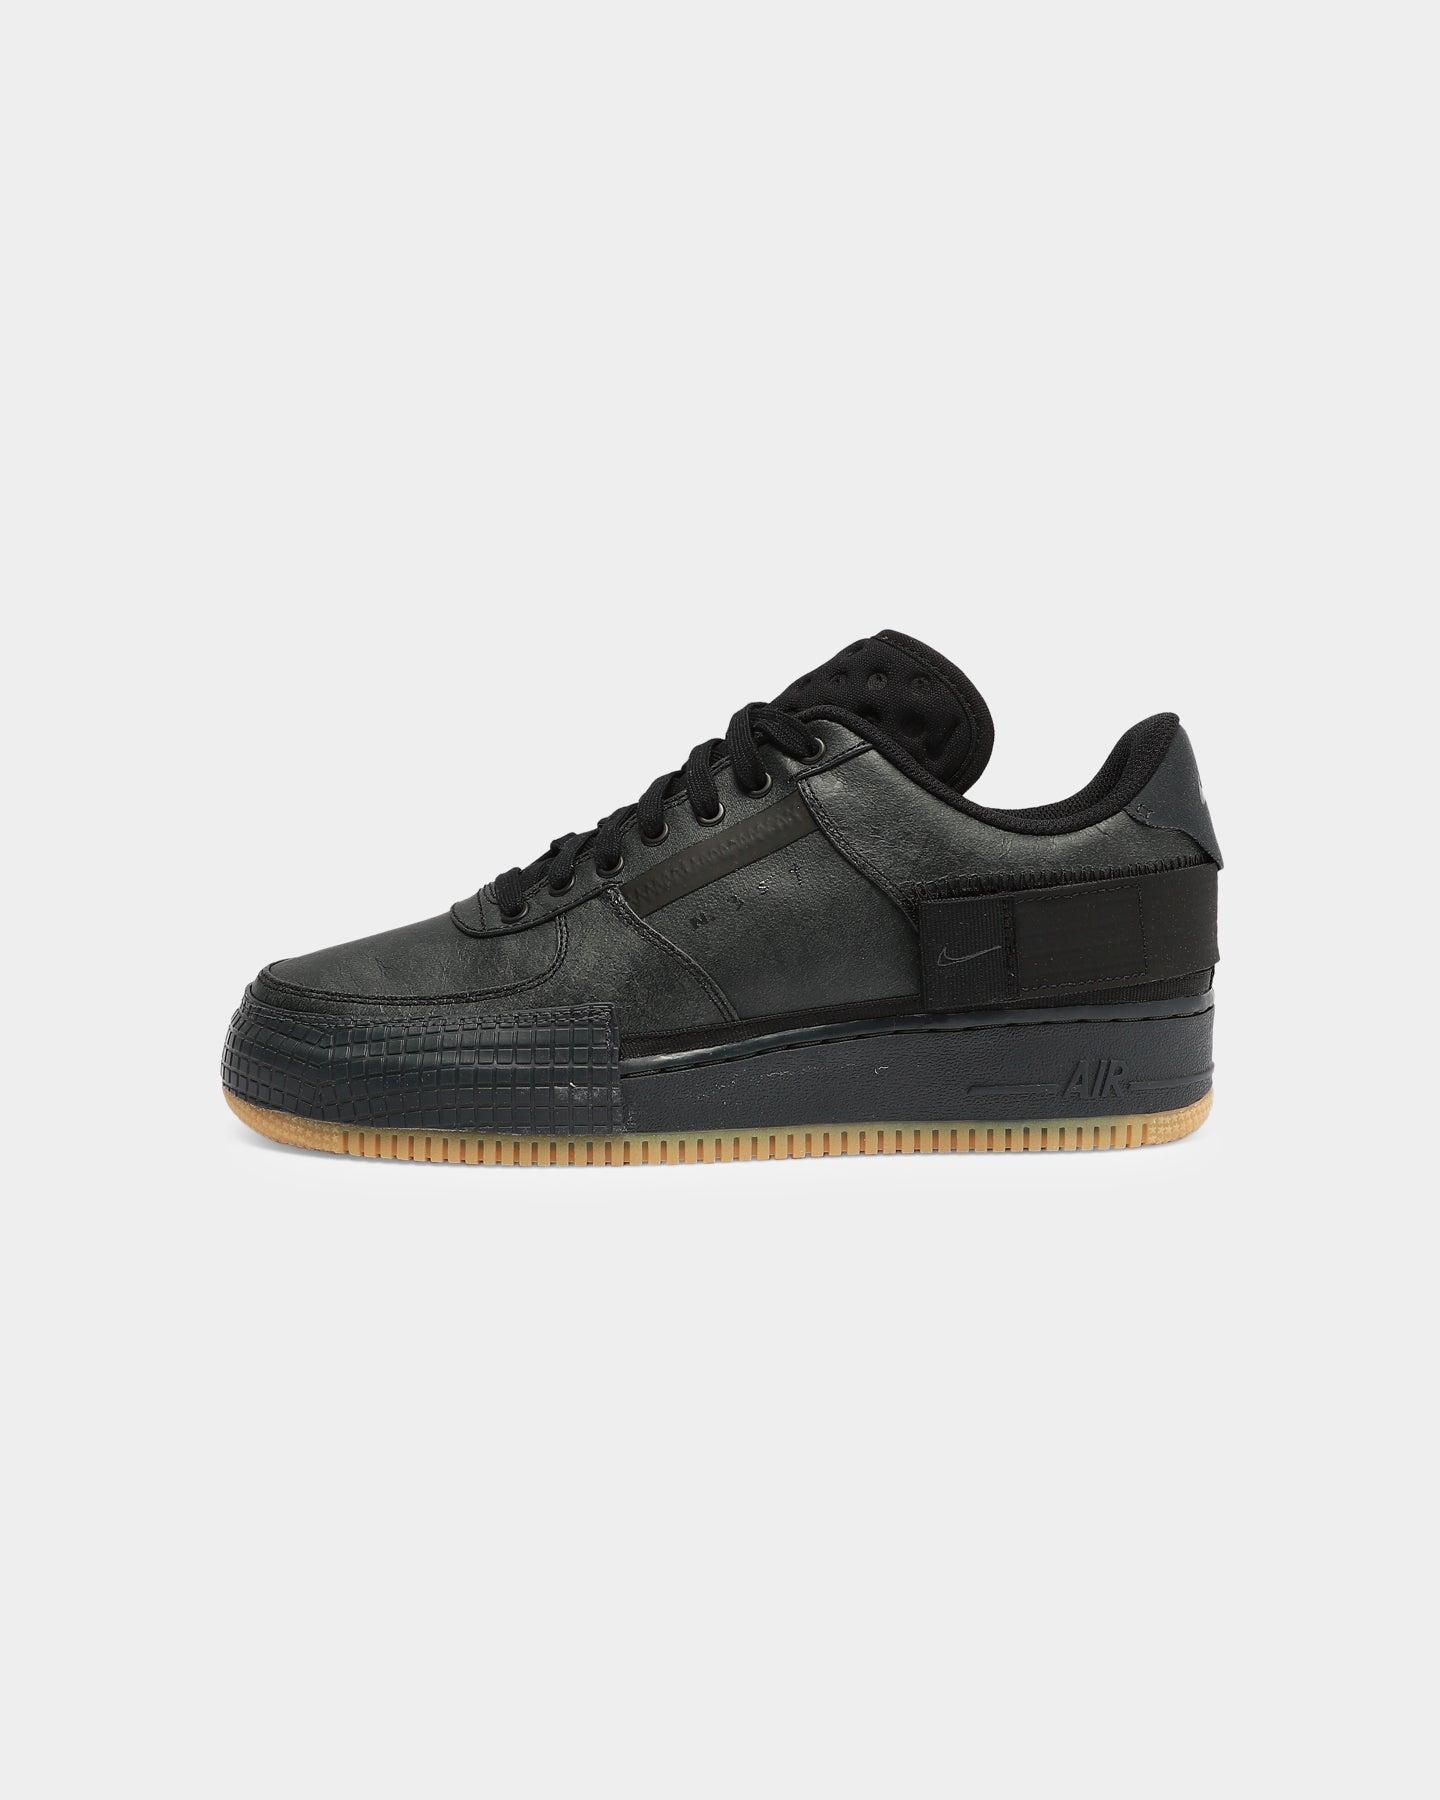 Nike Air Force 1 - Type 1 Black/Antr